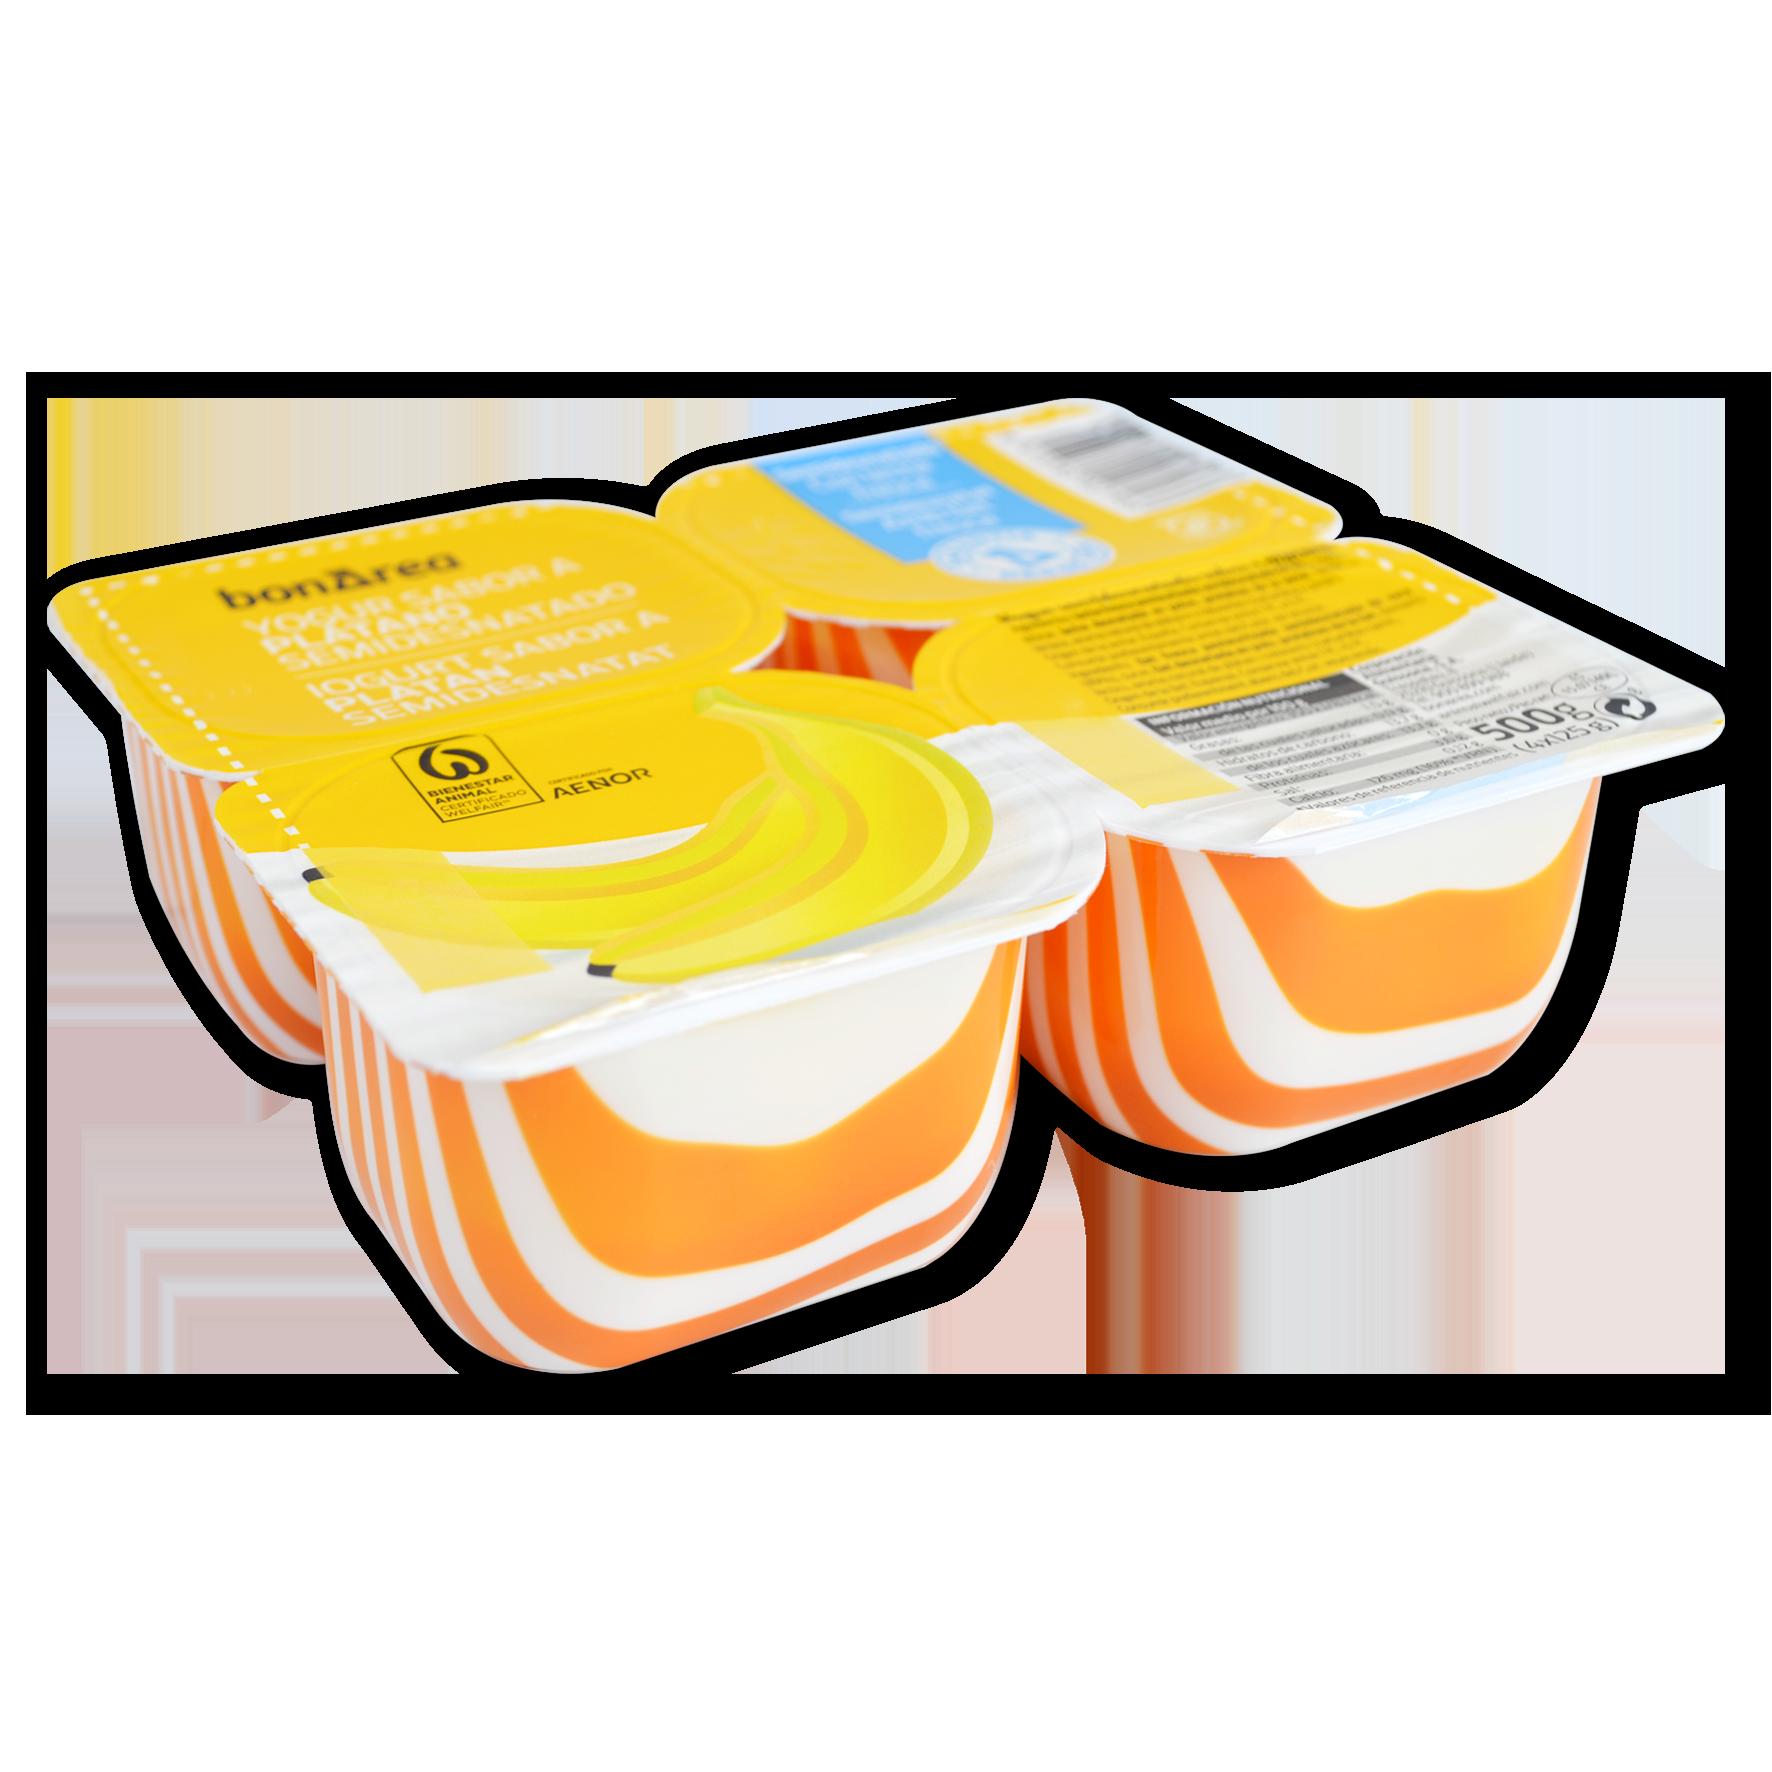 Yogur semidesnatado sabor platano 4 u. de 125 g